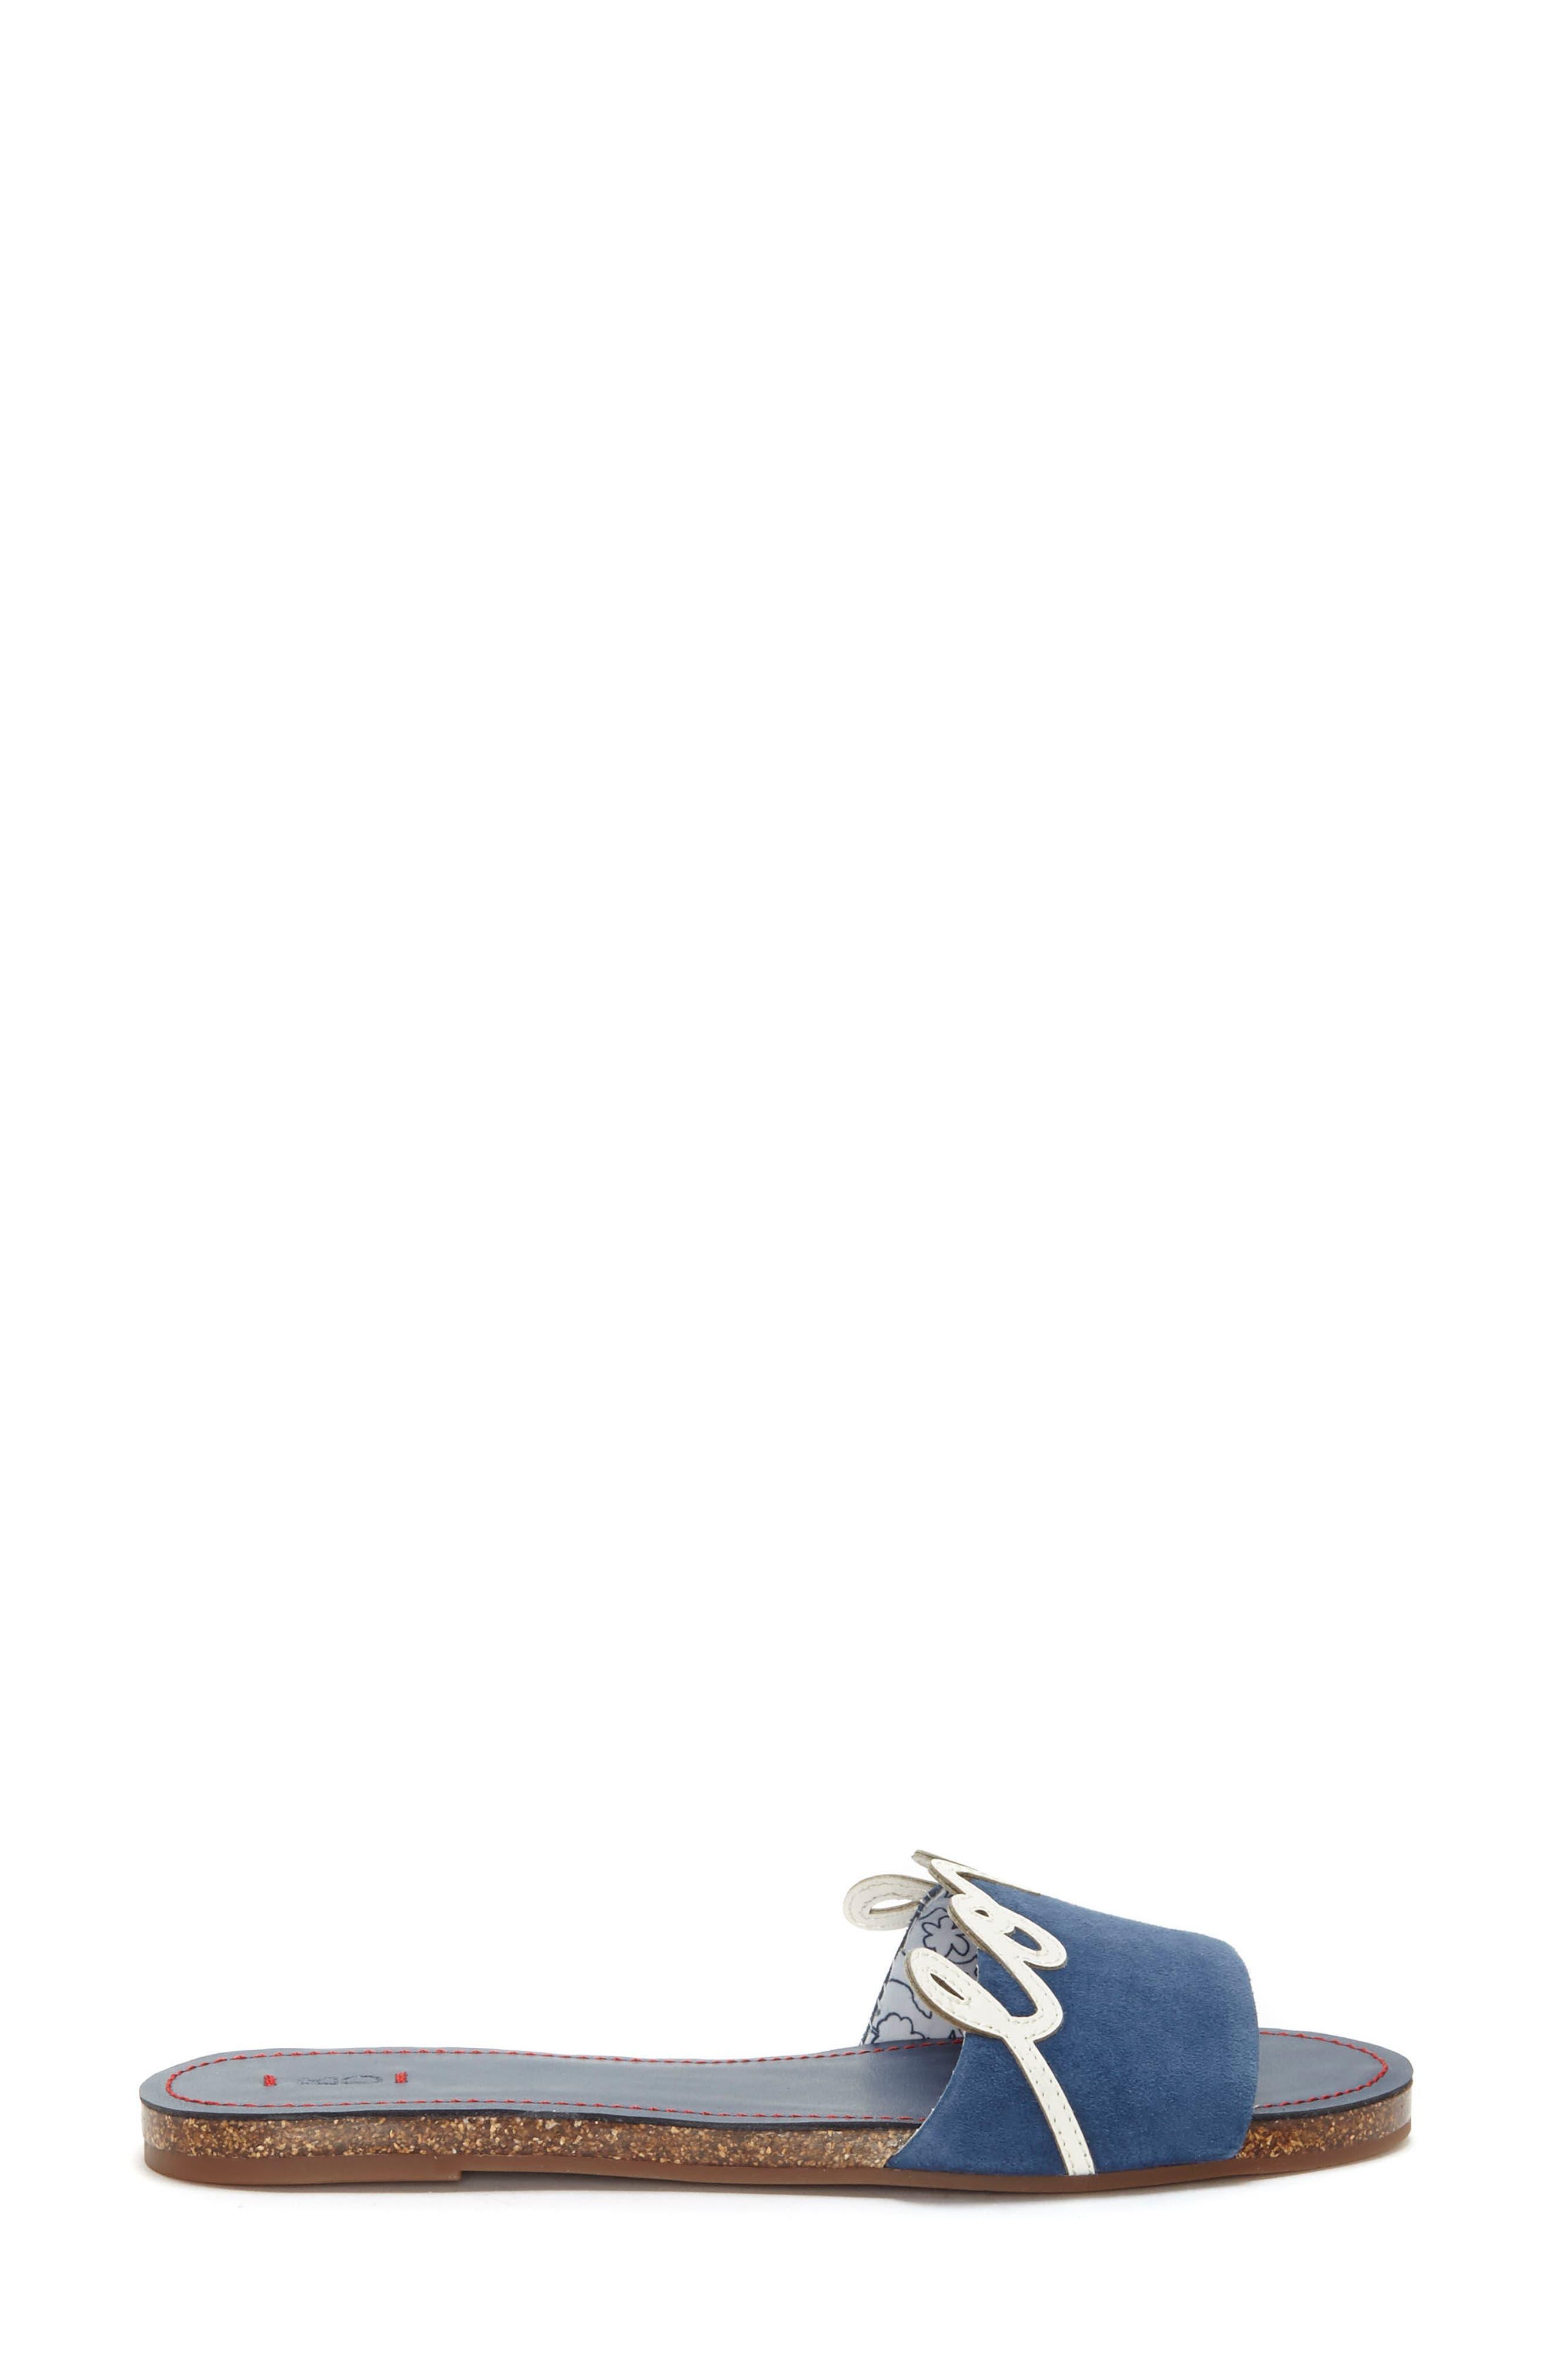 Sharlin Slide Sandal,                             Alternate thumbnail 3, color,                             Oxford Blue/ Milk